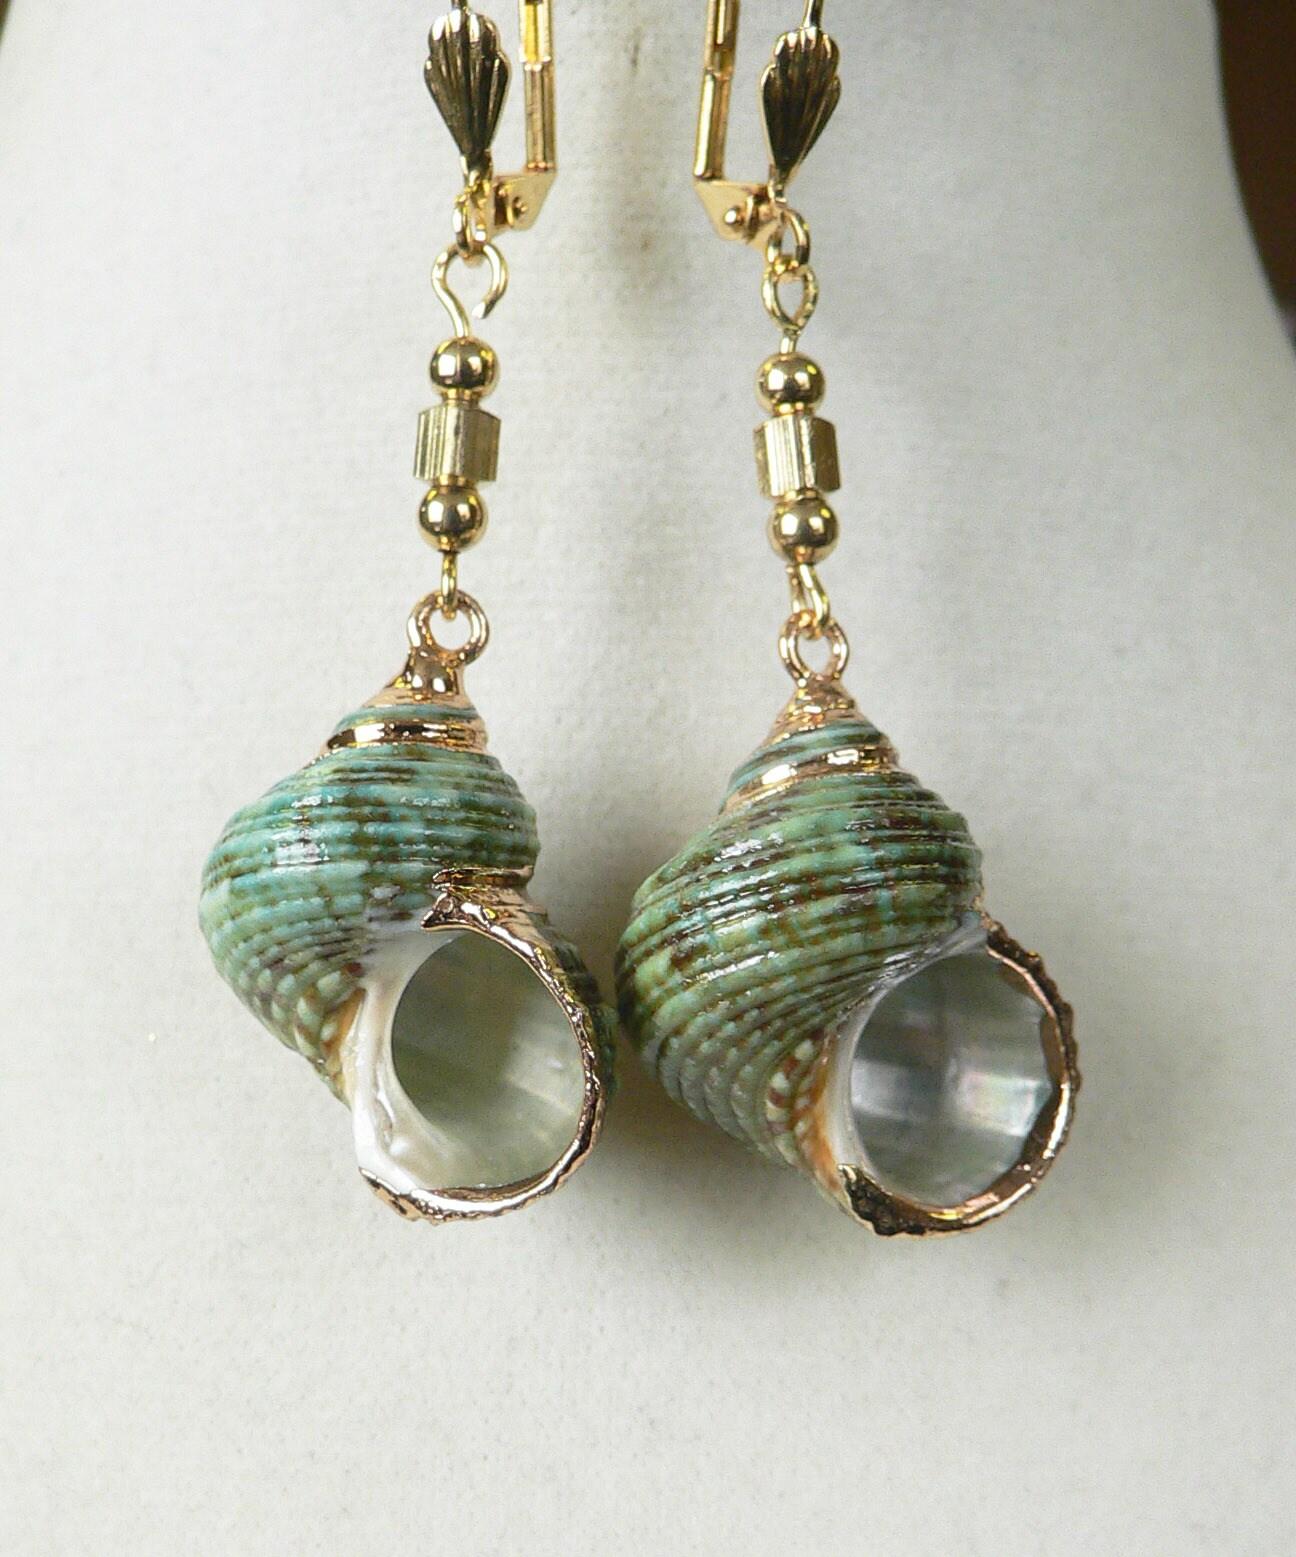 'Traxine' Shell earrings